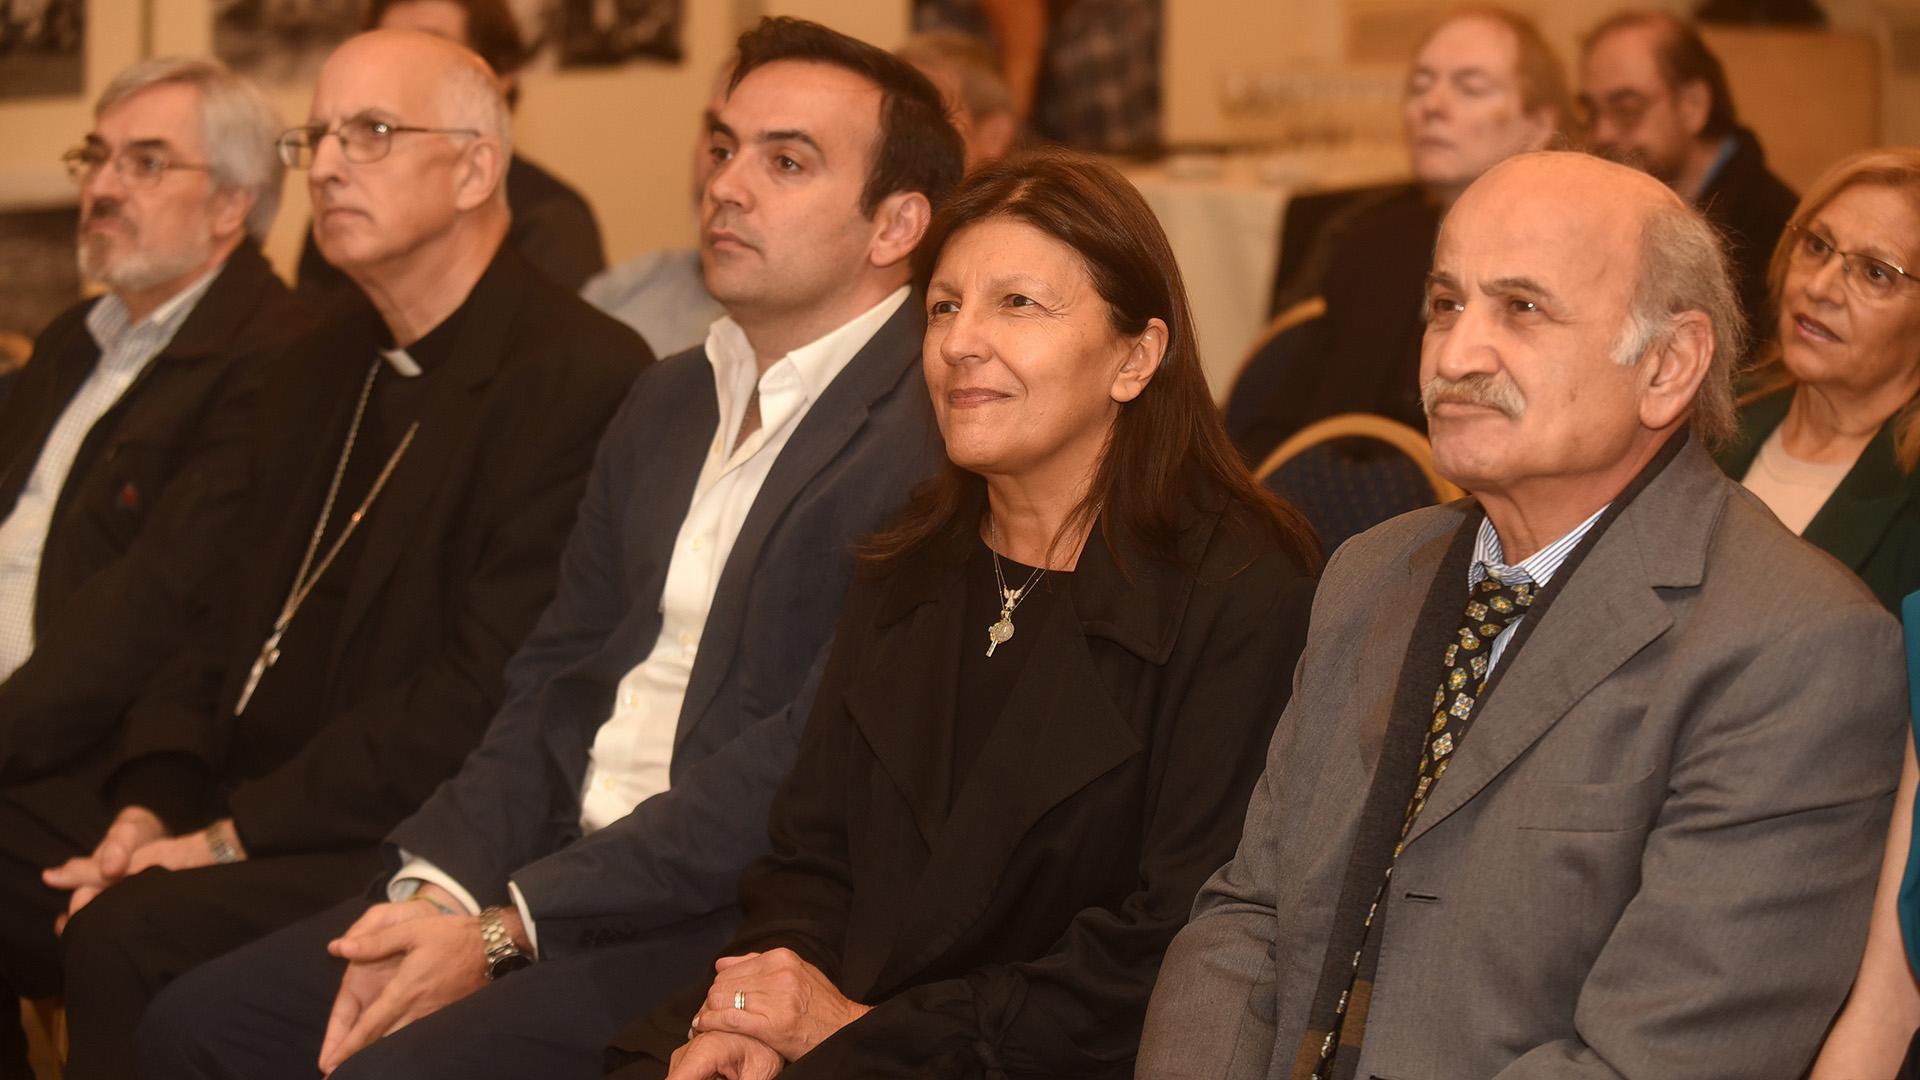 Los padres de Nínawa Daher, Alicia y Ghandour, en la primera fila de la inauguración de la muestra